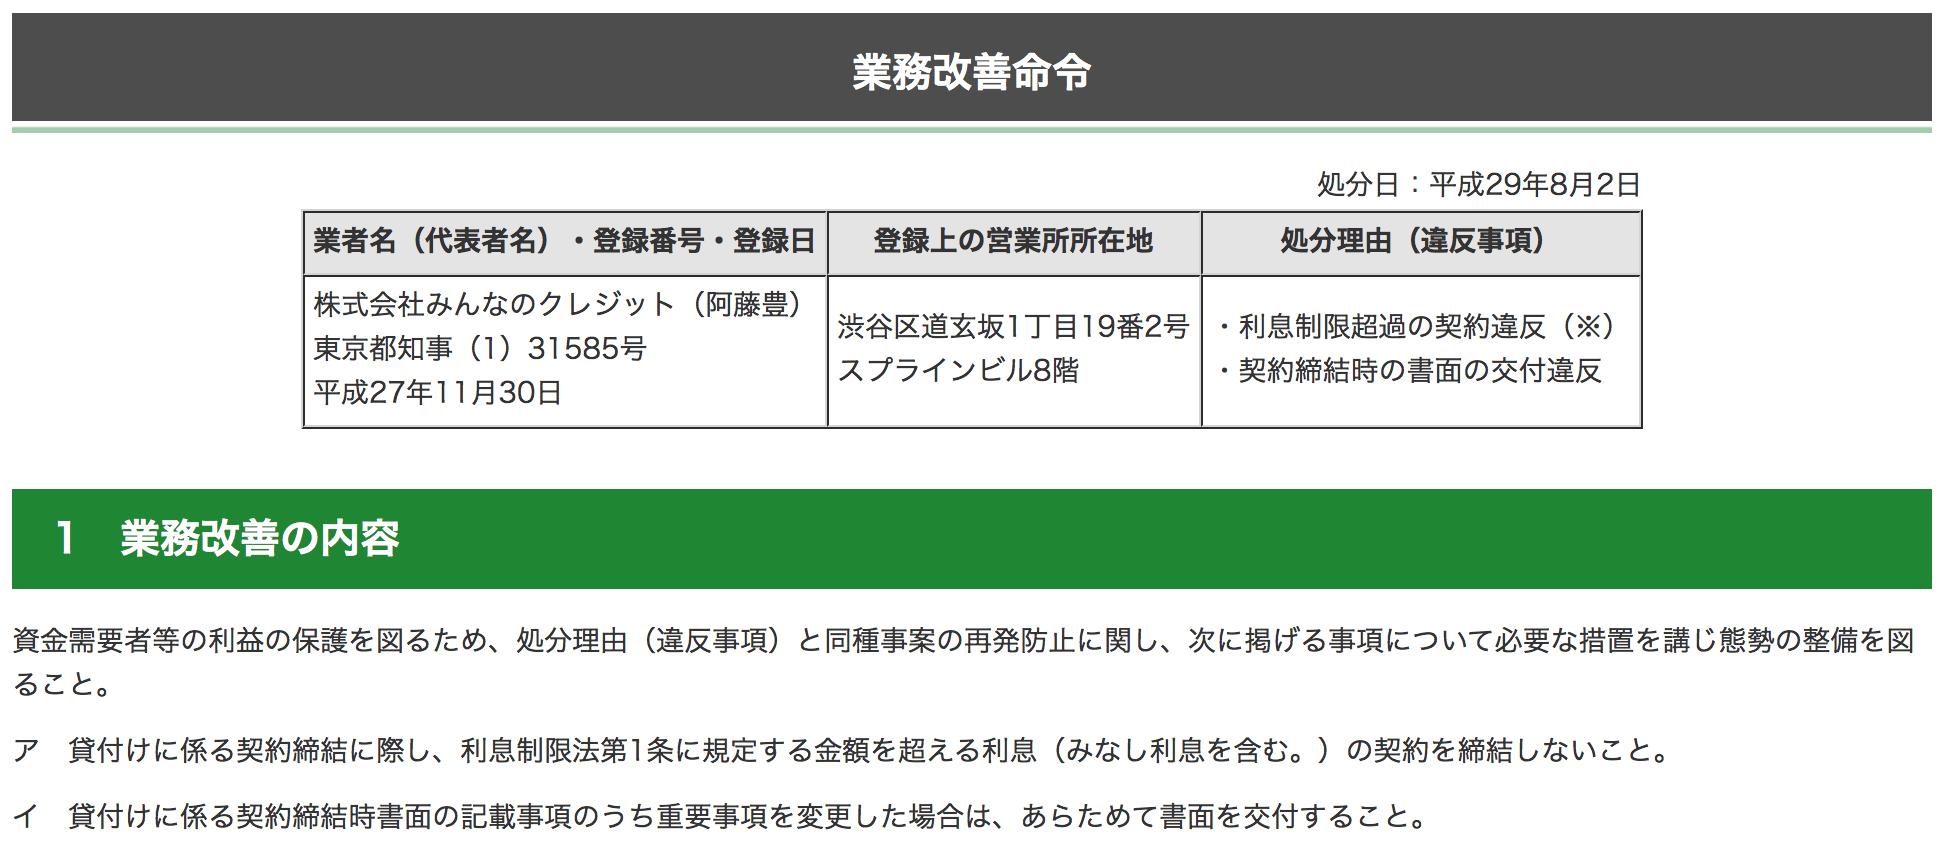 東京都産業労働局金融部貸金業対策課